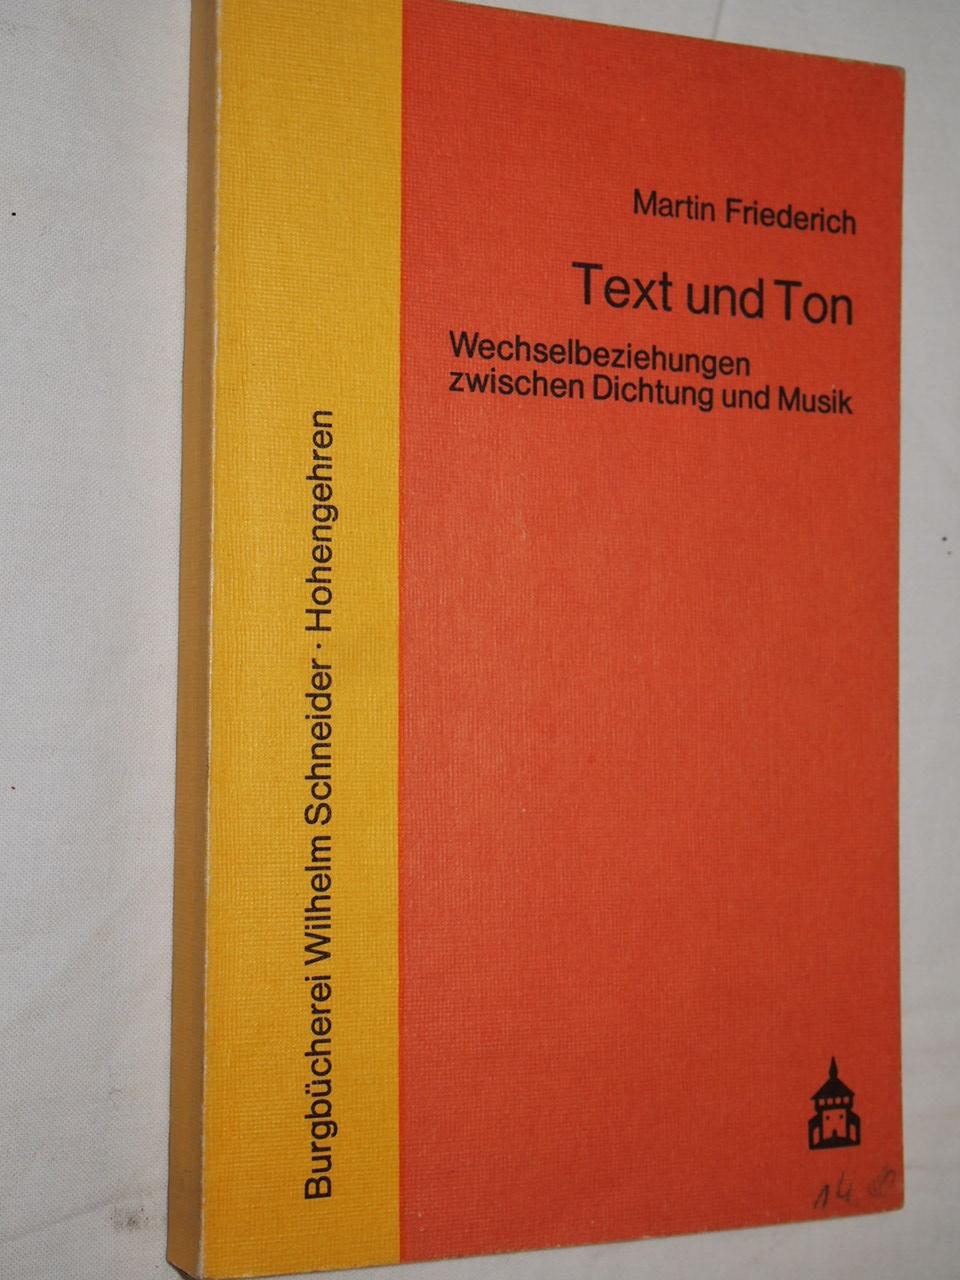 Text und Ton : Wechselbeziehungen zwischen Dichtung und Musik. - Friederich, Martin